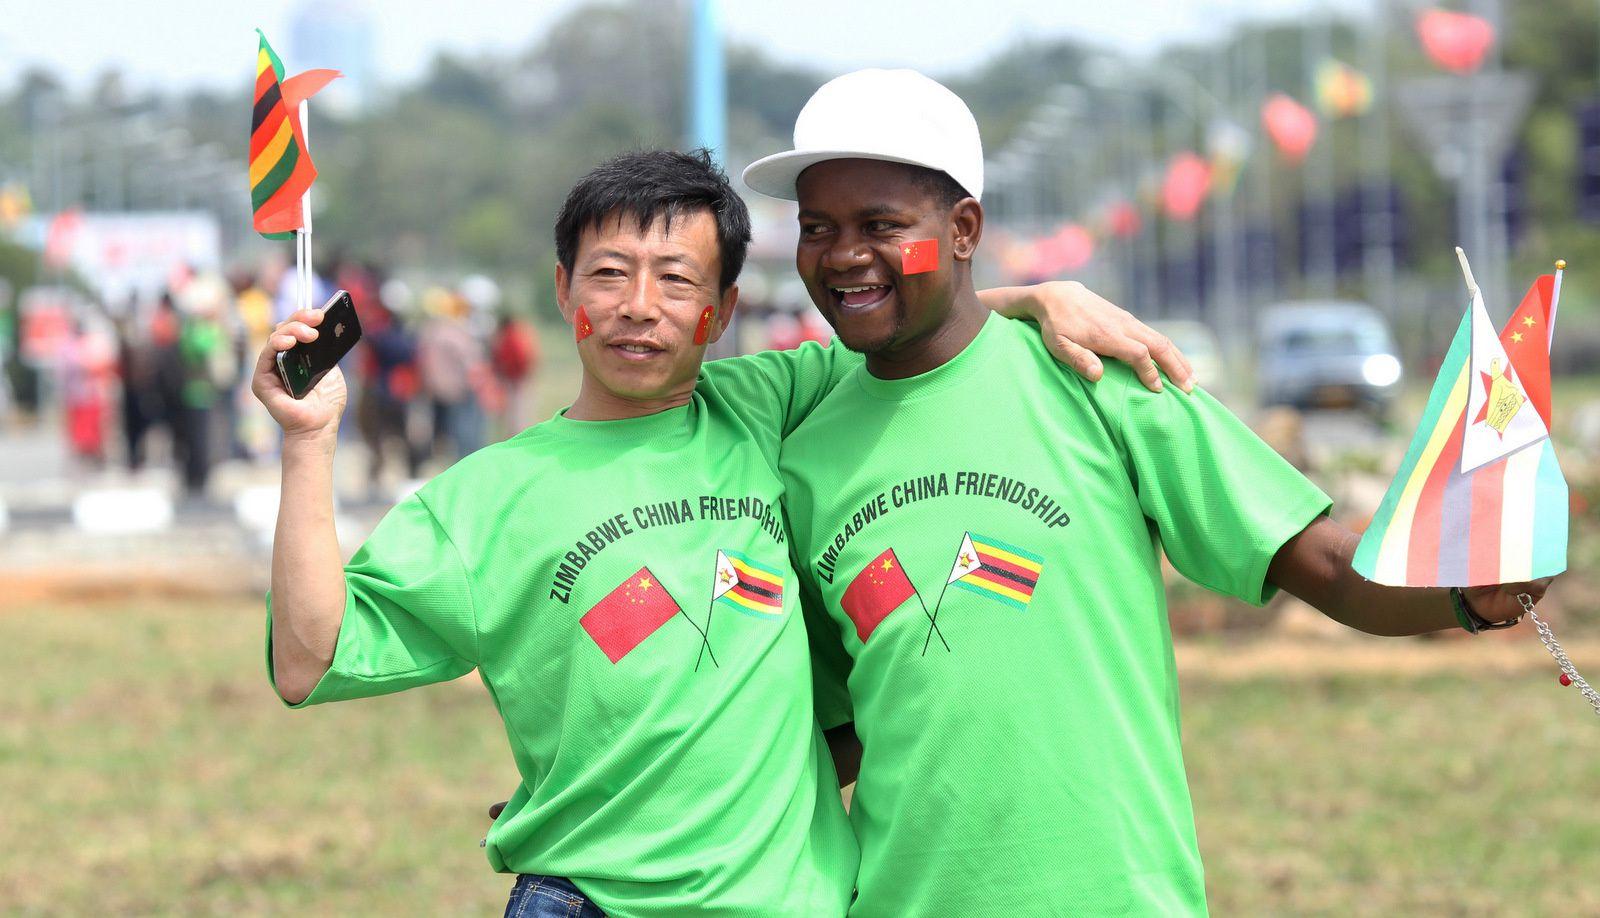 Un ressortissant chinois anonyme et un homme zimbabwéen s'enlacent  en accueillant le président chinois Xi Jinping à son arrivée à Harare, au Zimbabwe, le 1er décembre. 2015 (AP/Tsvangirayi Mukwazhi)